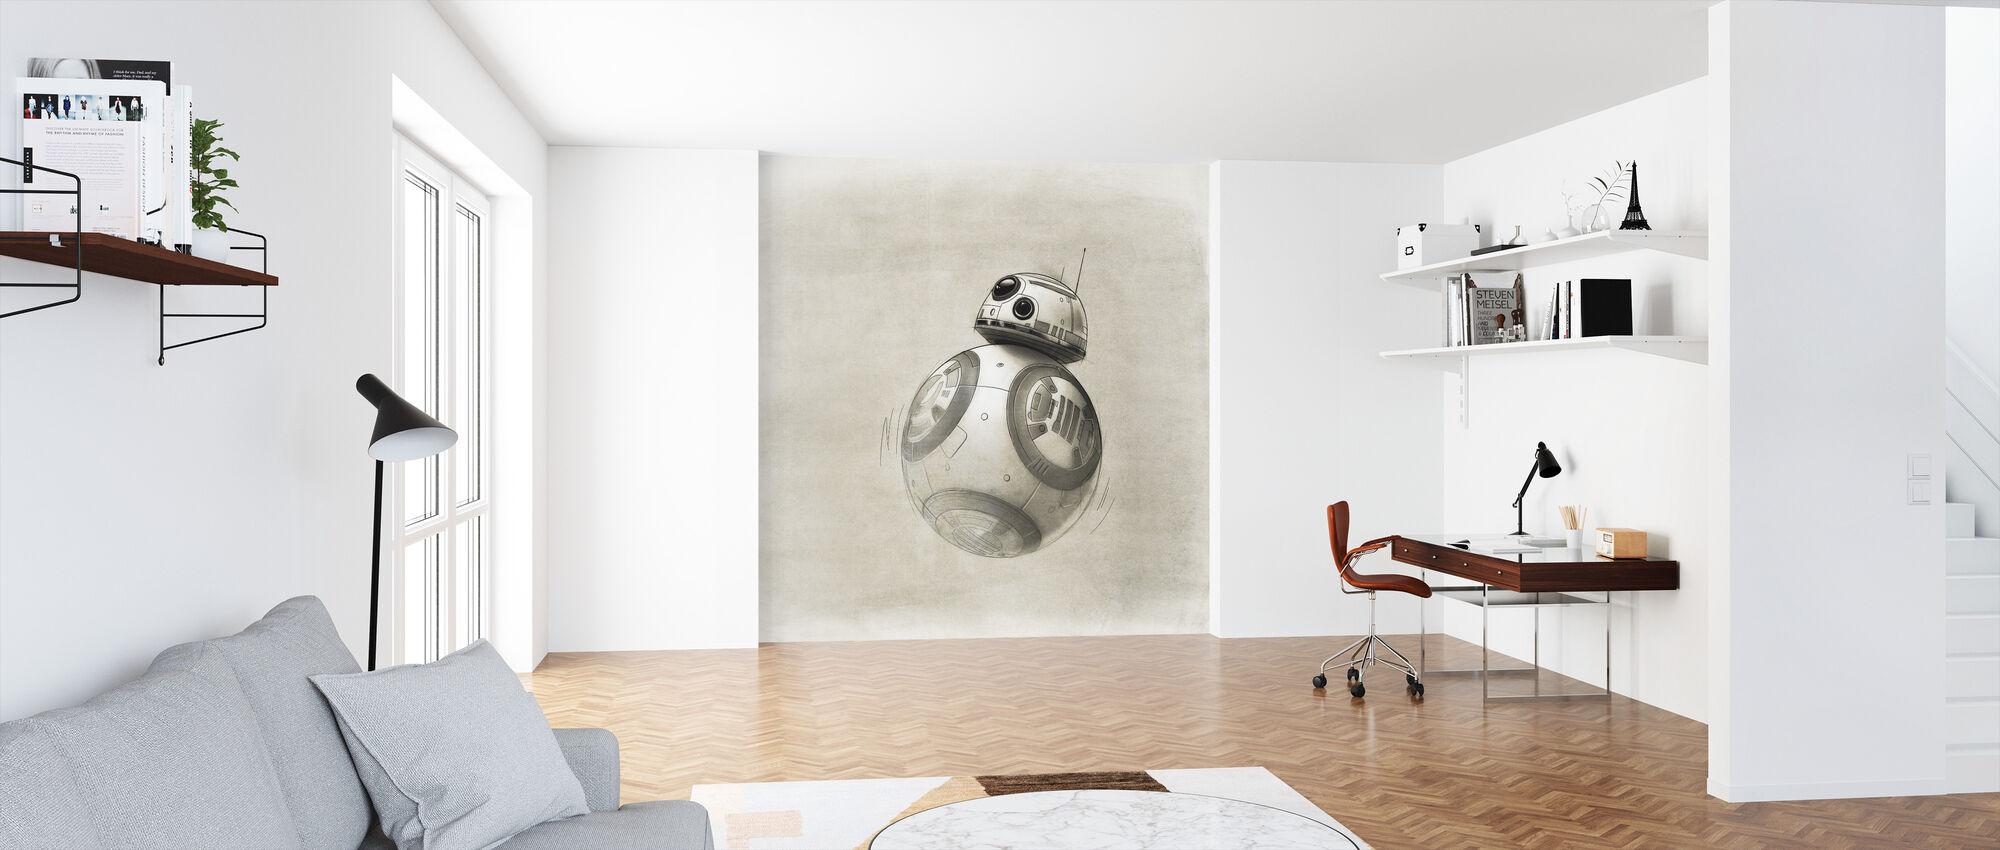 Star Wars - Tegning av BB-8 - Tapet - Kontor